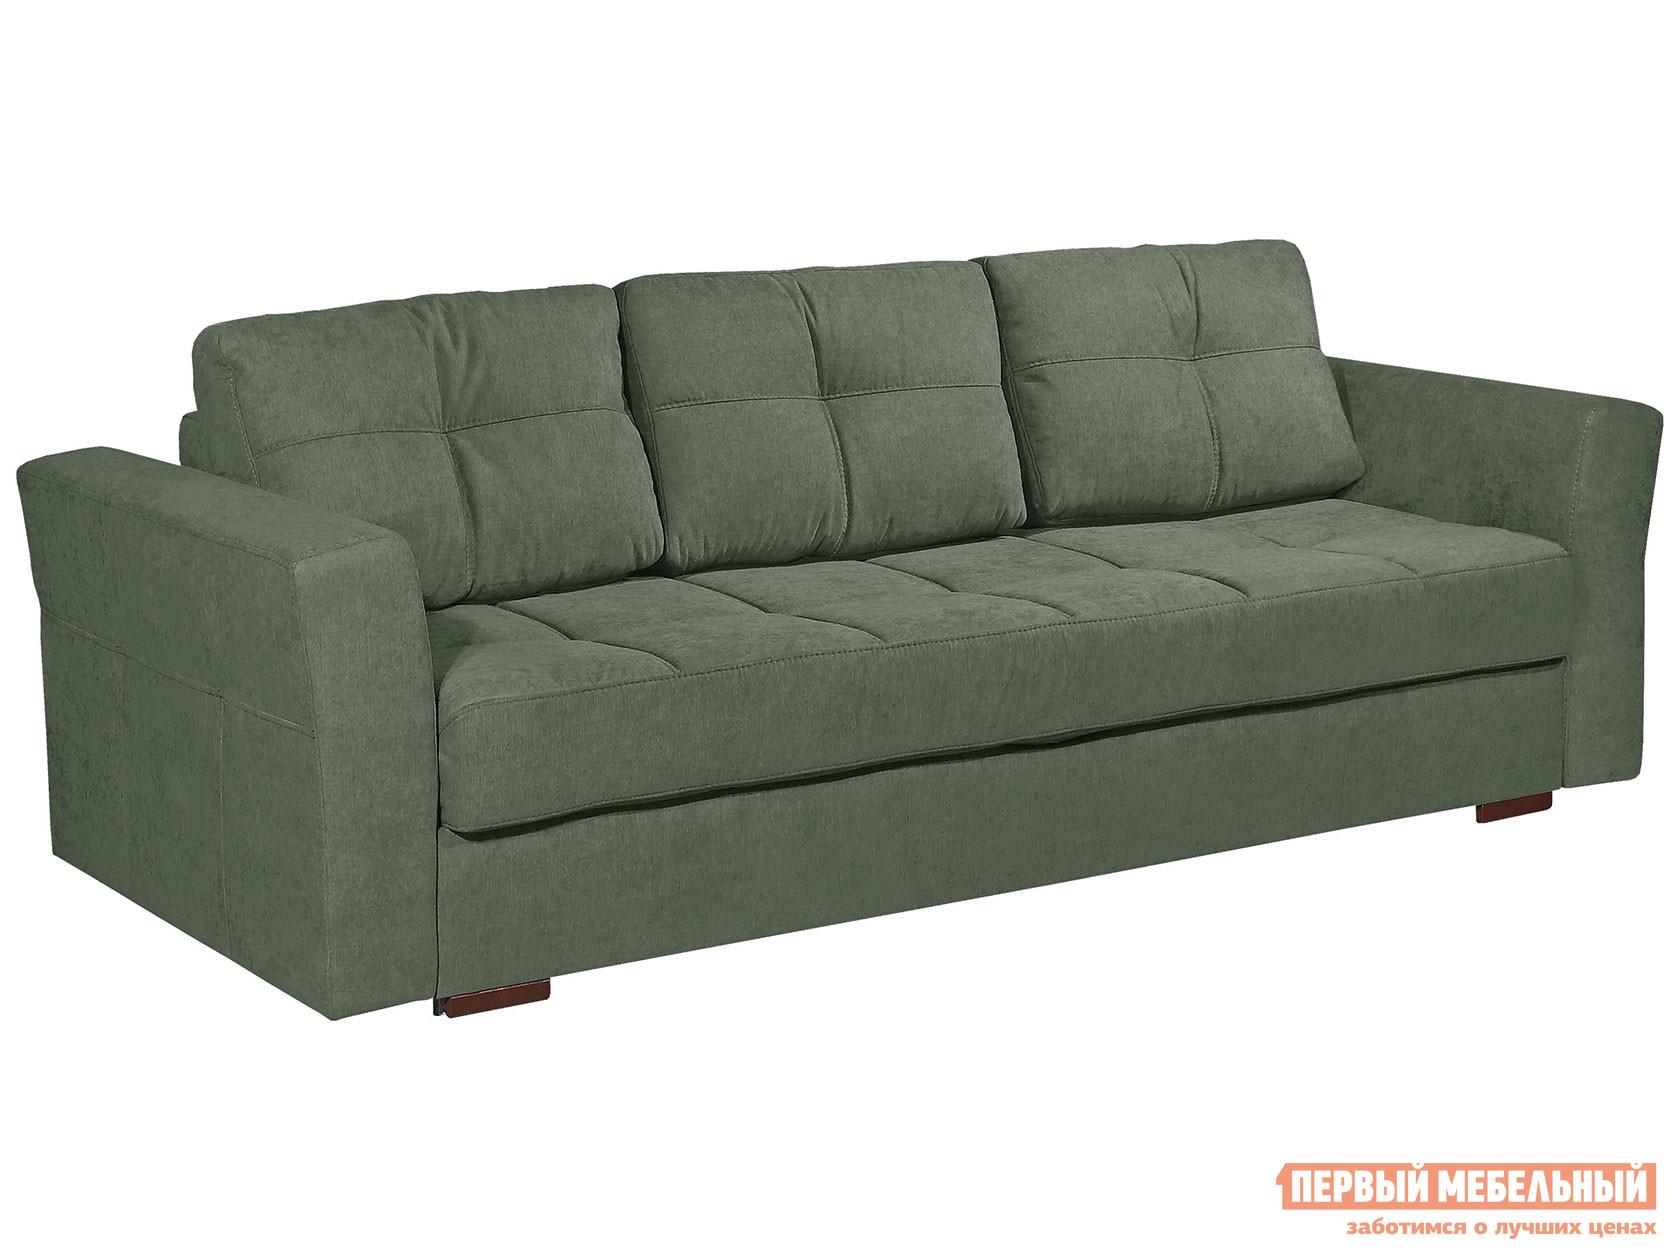 Прямой диван Первый Мебельный Диван Премьер Люкс